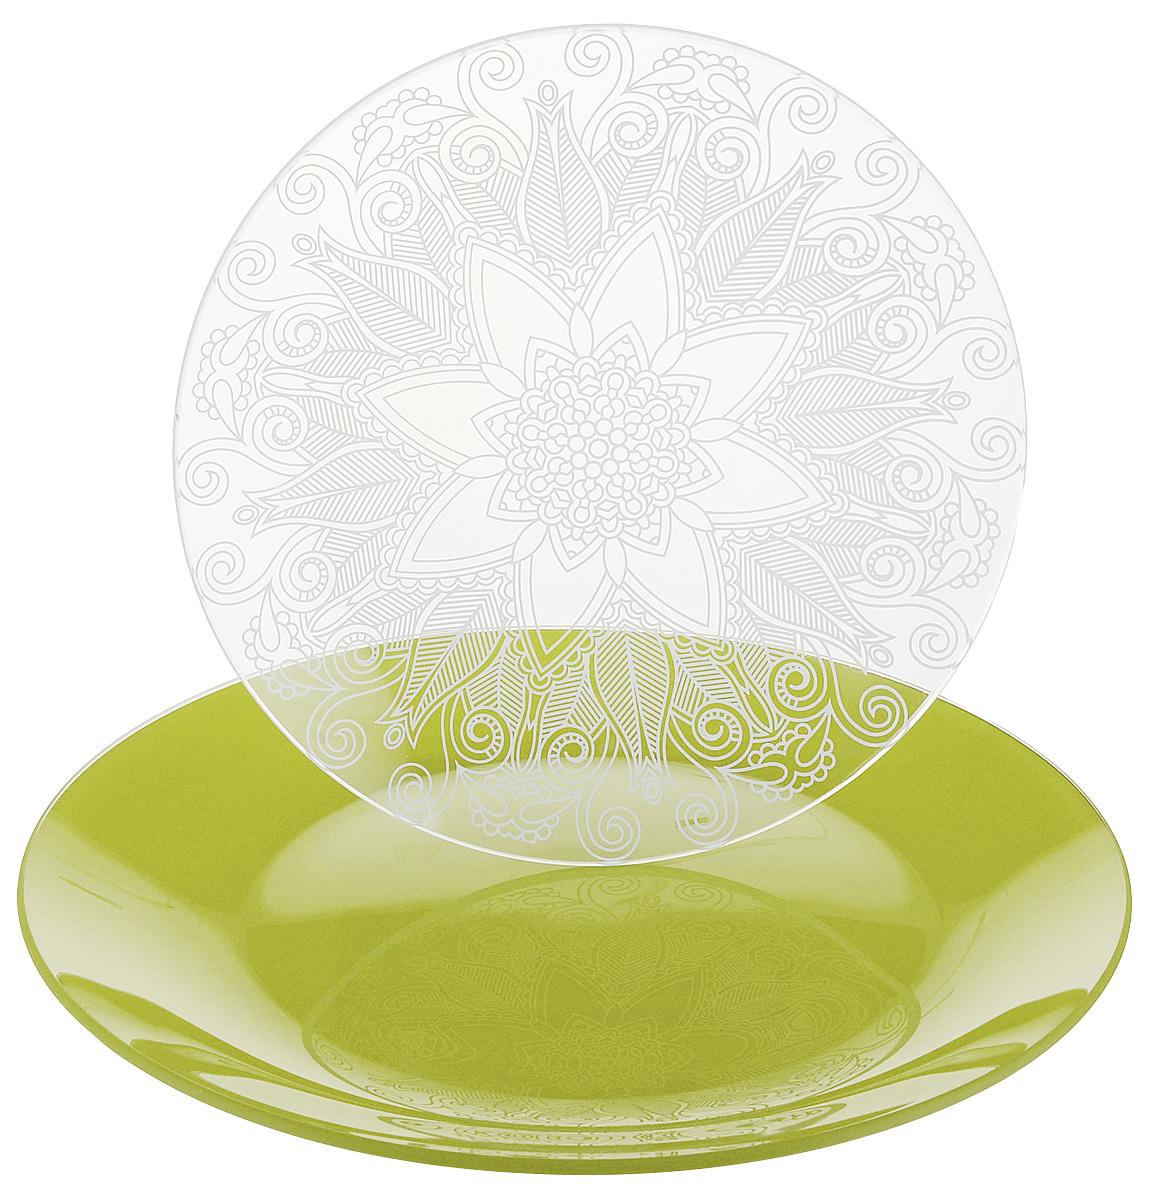 Набор тарелок NiNaGlass, цвет: зеленый, диаметр 20 см, 2 шт. 85-200-145псз85-200-145псзНабор тарелок NiNaGlass Кружево и Палитра выполнена из высококачественного стекла, декорирована под Вологодское кружево и подстановочная тарелка яркий насыщенный цвет. Набор идеален для подачи горячих блюд, сервировки праздничного стола, нарезок, салатов, овощей и фруктов. Он отлично подойдет как для повседневных, так и для торжественных случаев. Такой набор прекрасно впишется в интерьер вашей кухни и станет достойным дополнением к кухонному инвентарю.